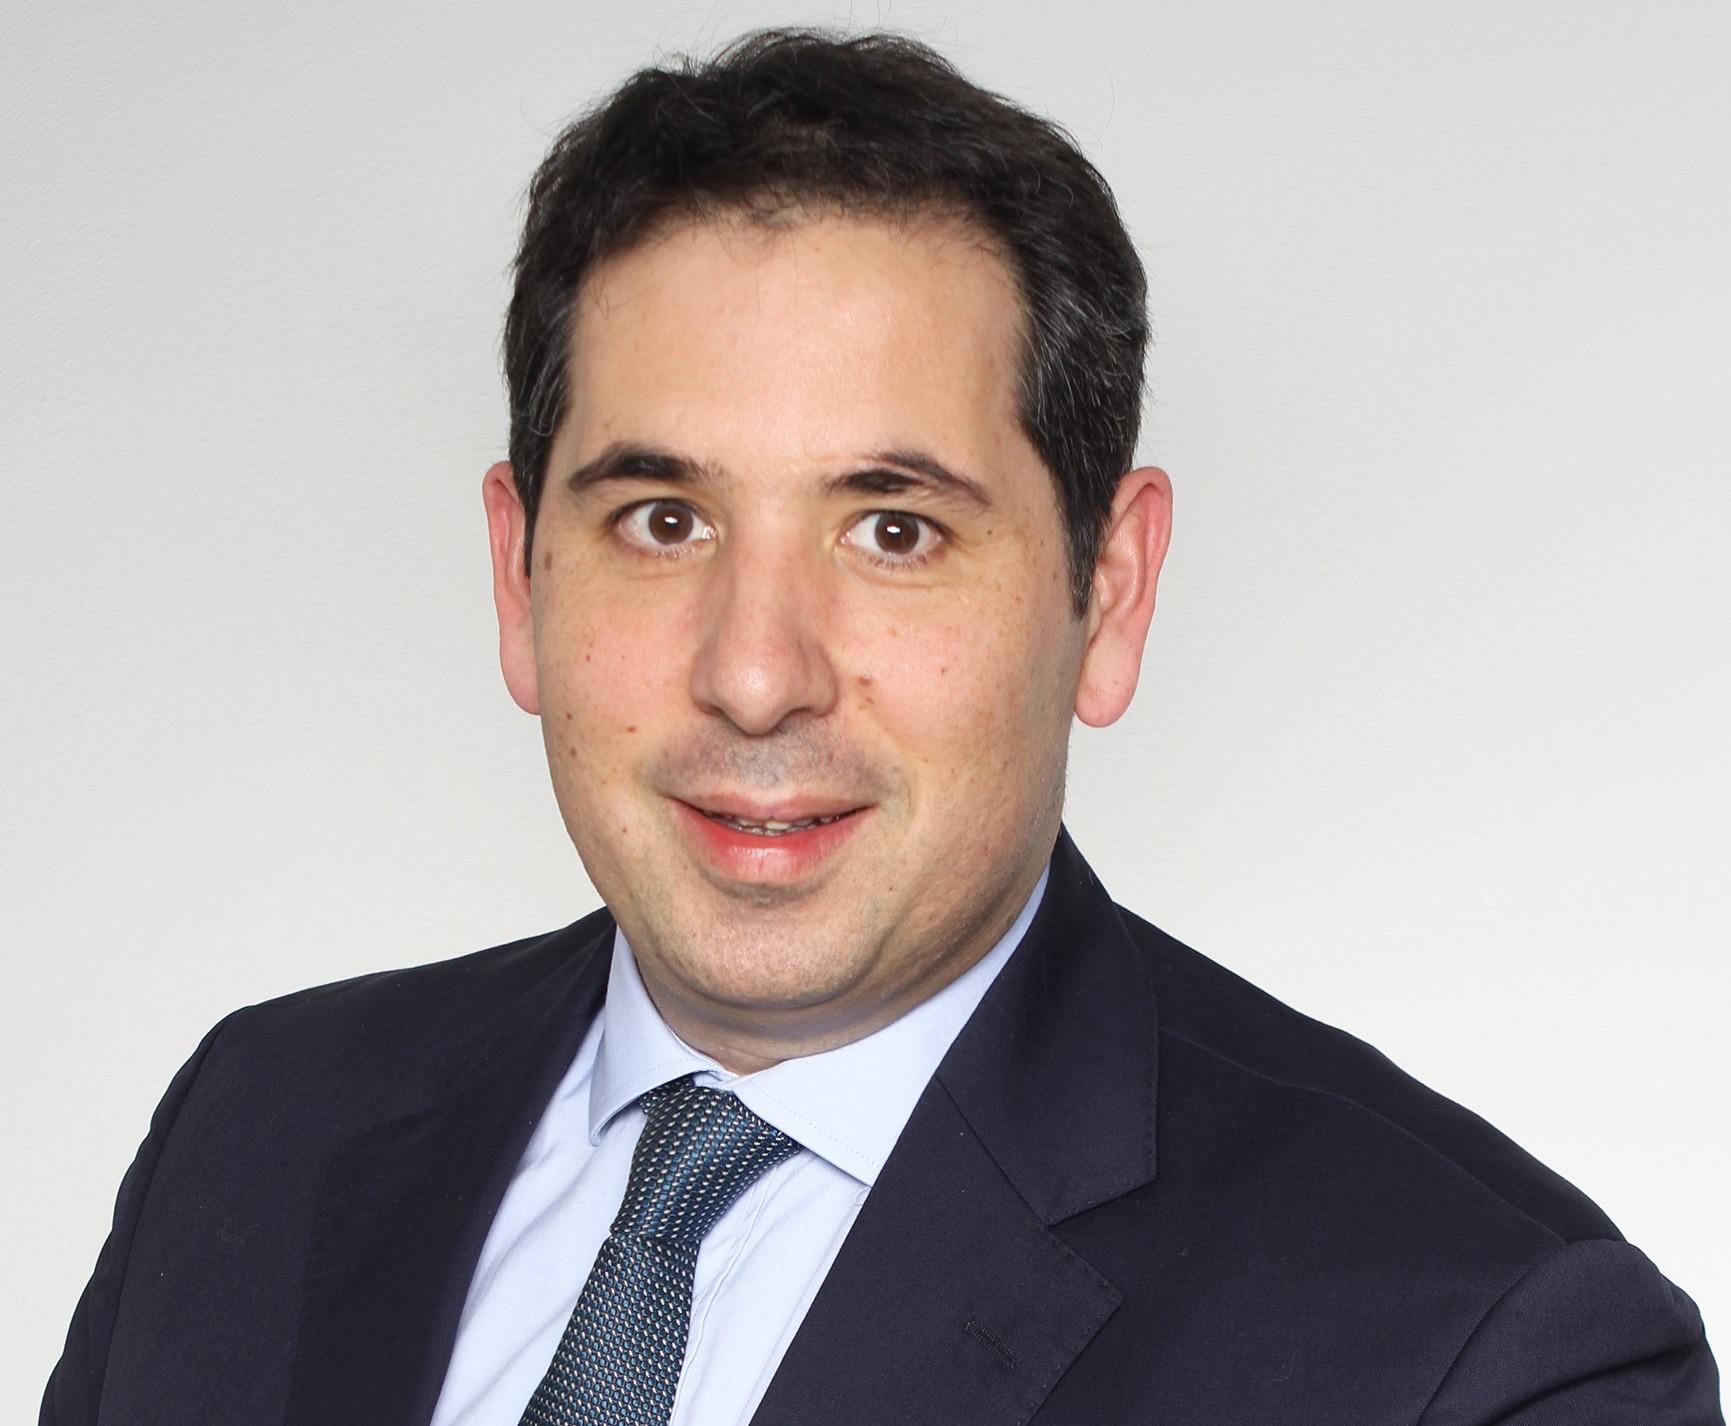 Frédéric Bertacchi, CMS Francis Lefebvre